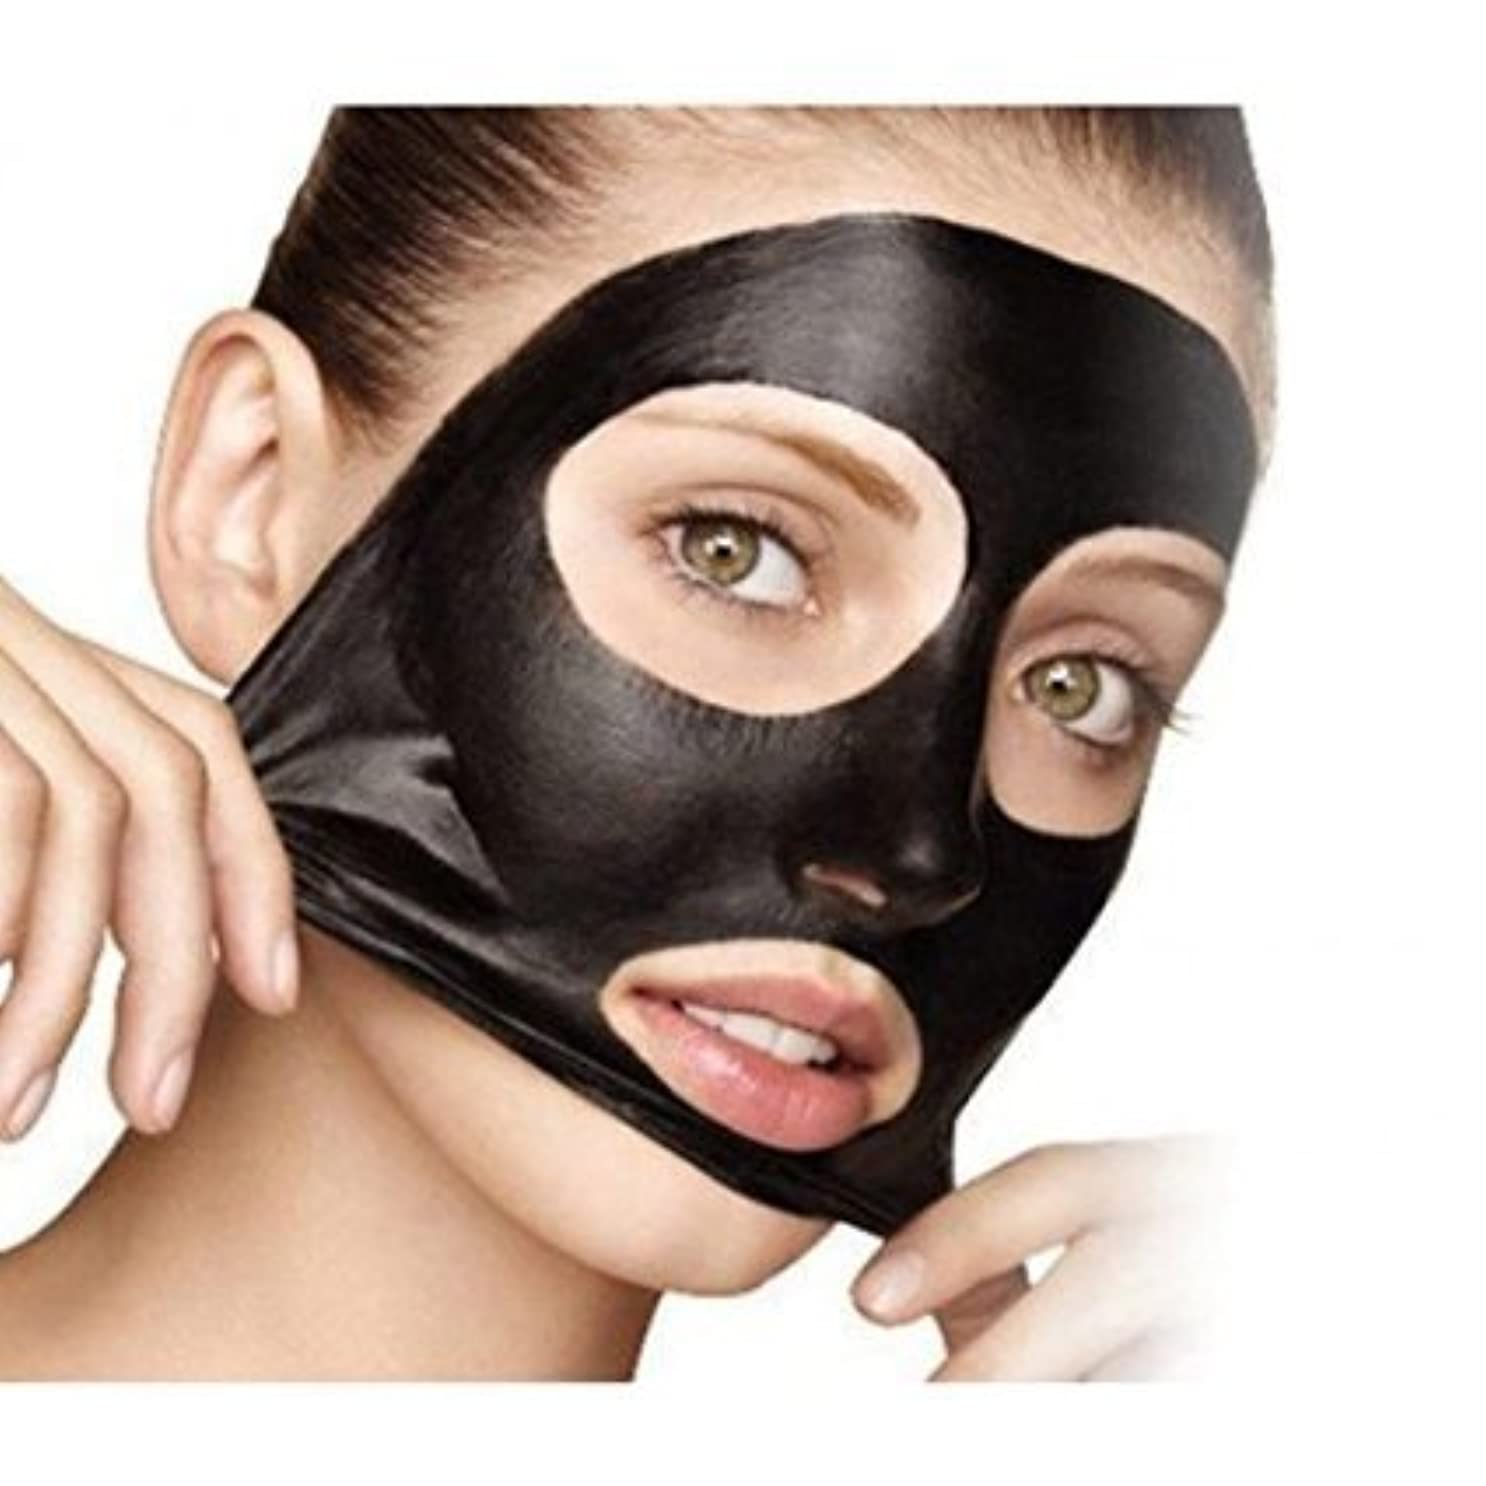 料理タブレットエスカレーター5 x Mineral Mud Nose Pore Cleansing Blackhead Removal Cleaner Membranes Mask by Boolavard? TM